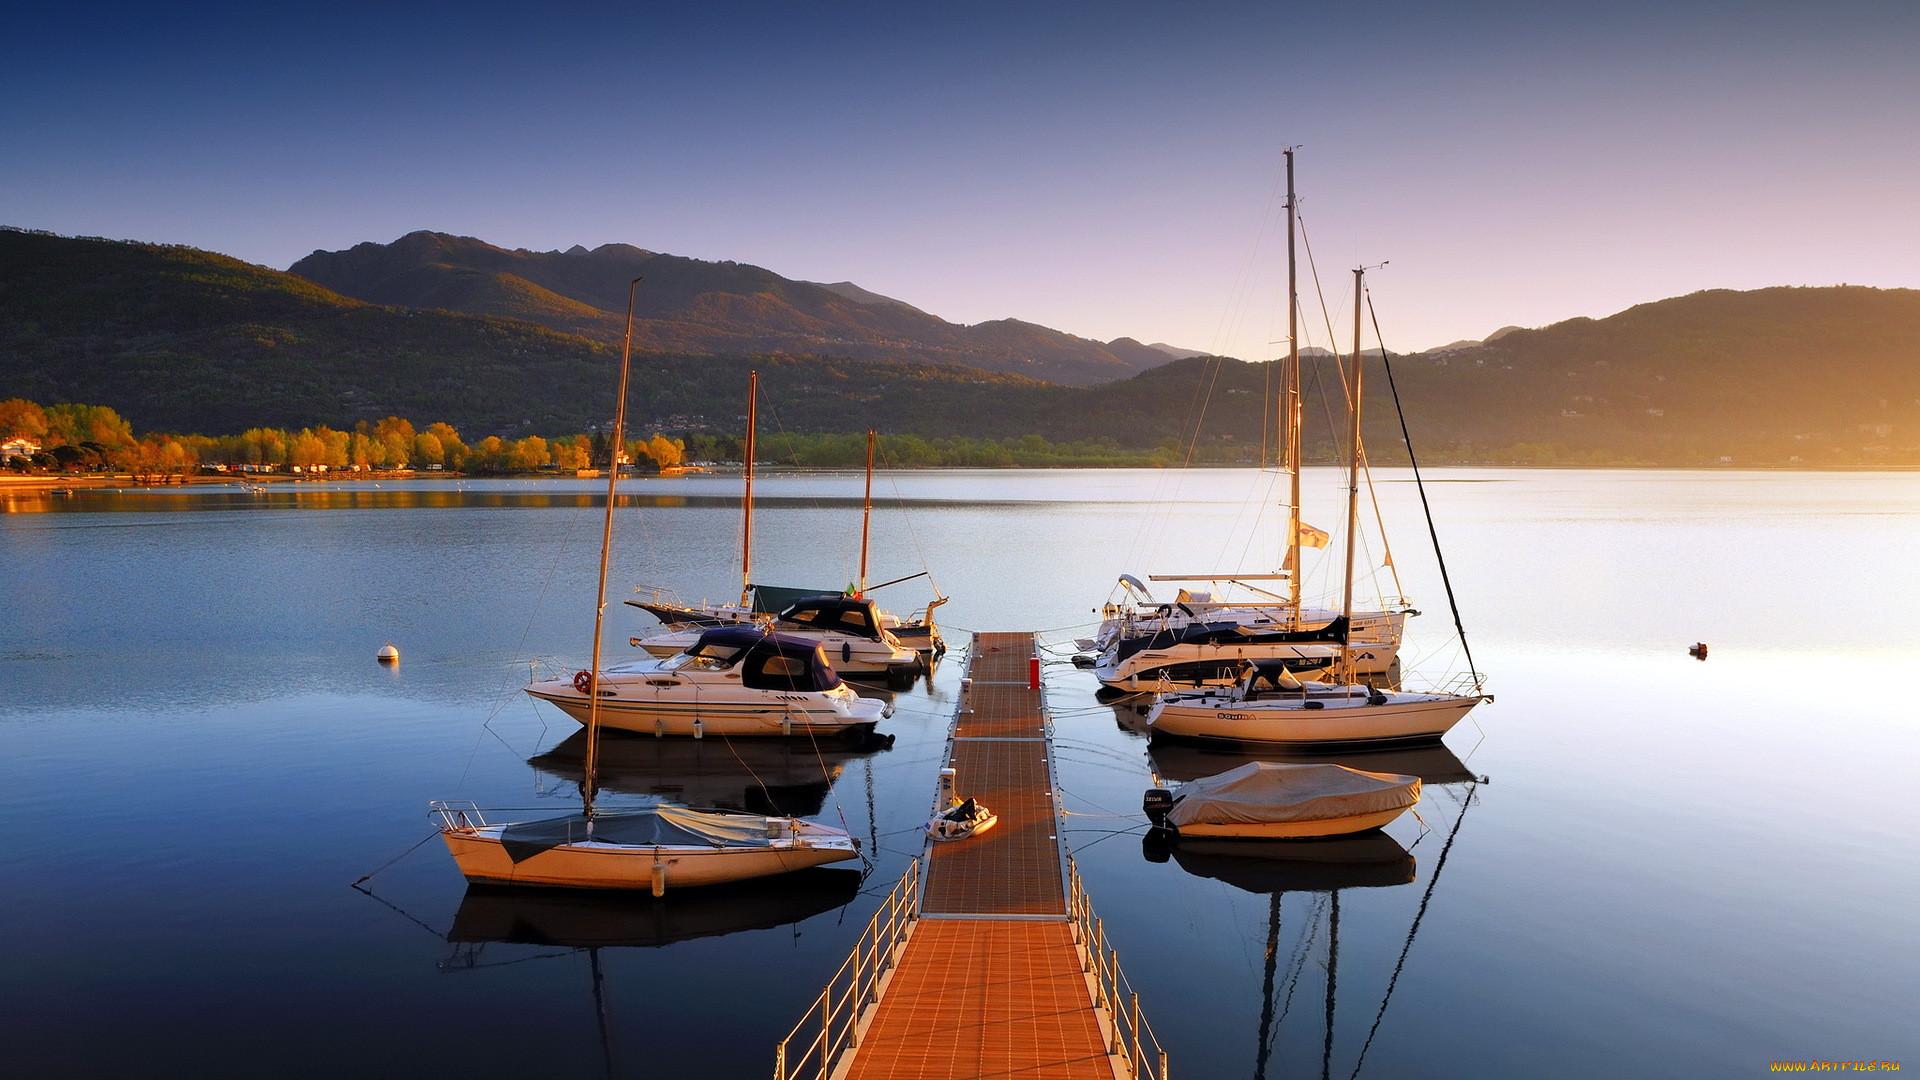 красивые картинки на рабочий стол лодки всего узловая